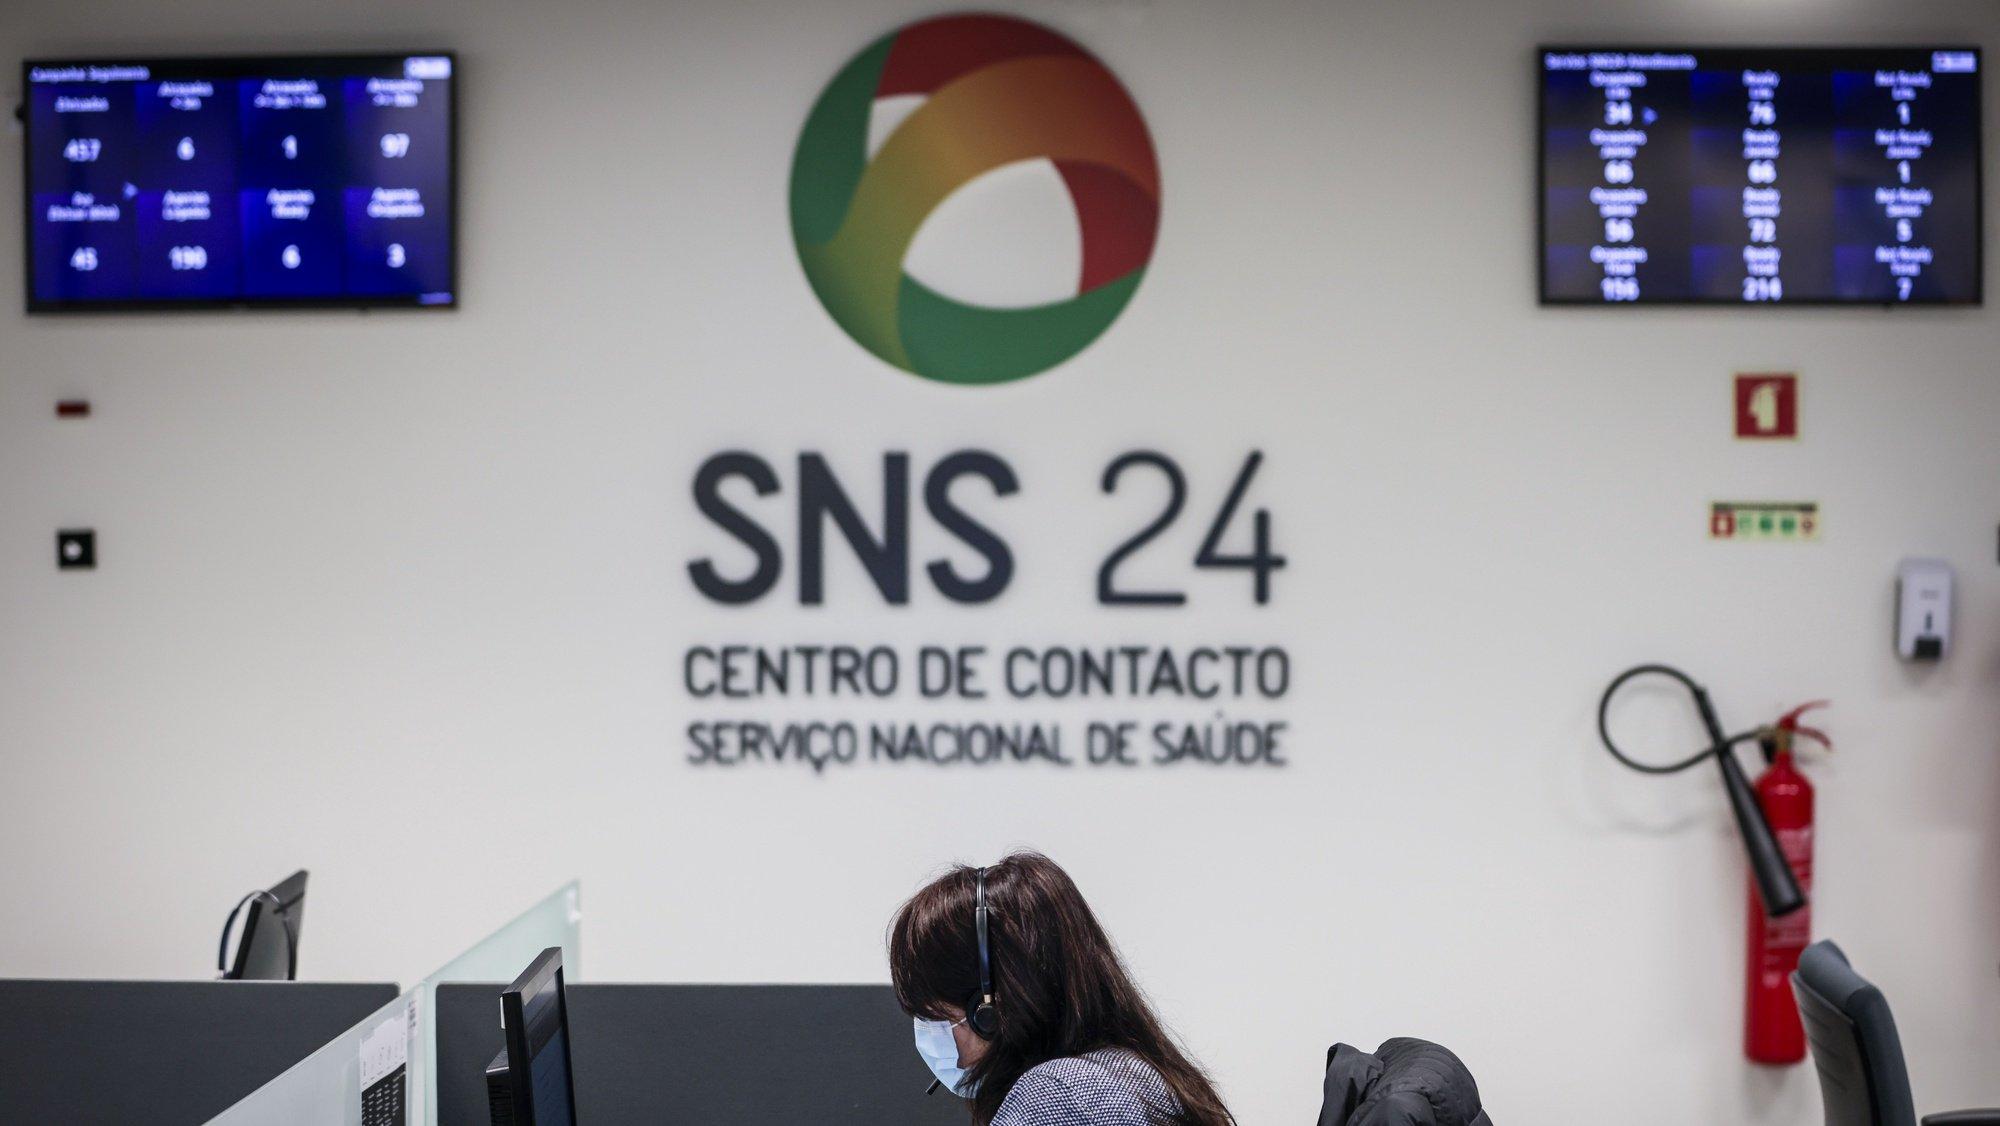 Reportagem no centro de atendimento da Linha SNS 24 em Lisboa, 18 de dezembro de 2020. A covid-19 marca um antes e depois na vida da linha SNS24 e dos seus profissionais de saúde, que além da luta para vencer a pandemia tentam também superar o cansaço de nove meses de chamadas sem tréguas. Em 2020, o centro de contacto do SNS foi obrigado a reinventar-se e já superou os 3,67 milhões de chamadas, mais do dobro em relação ao ano passado. (ACOMPANHA TEXTO DE 25/12/2020) JOSÉ SENA GOULÃO/LUSA